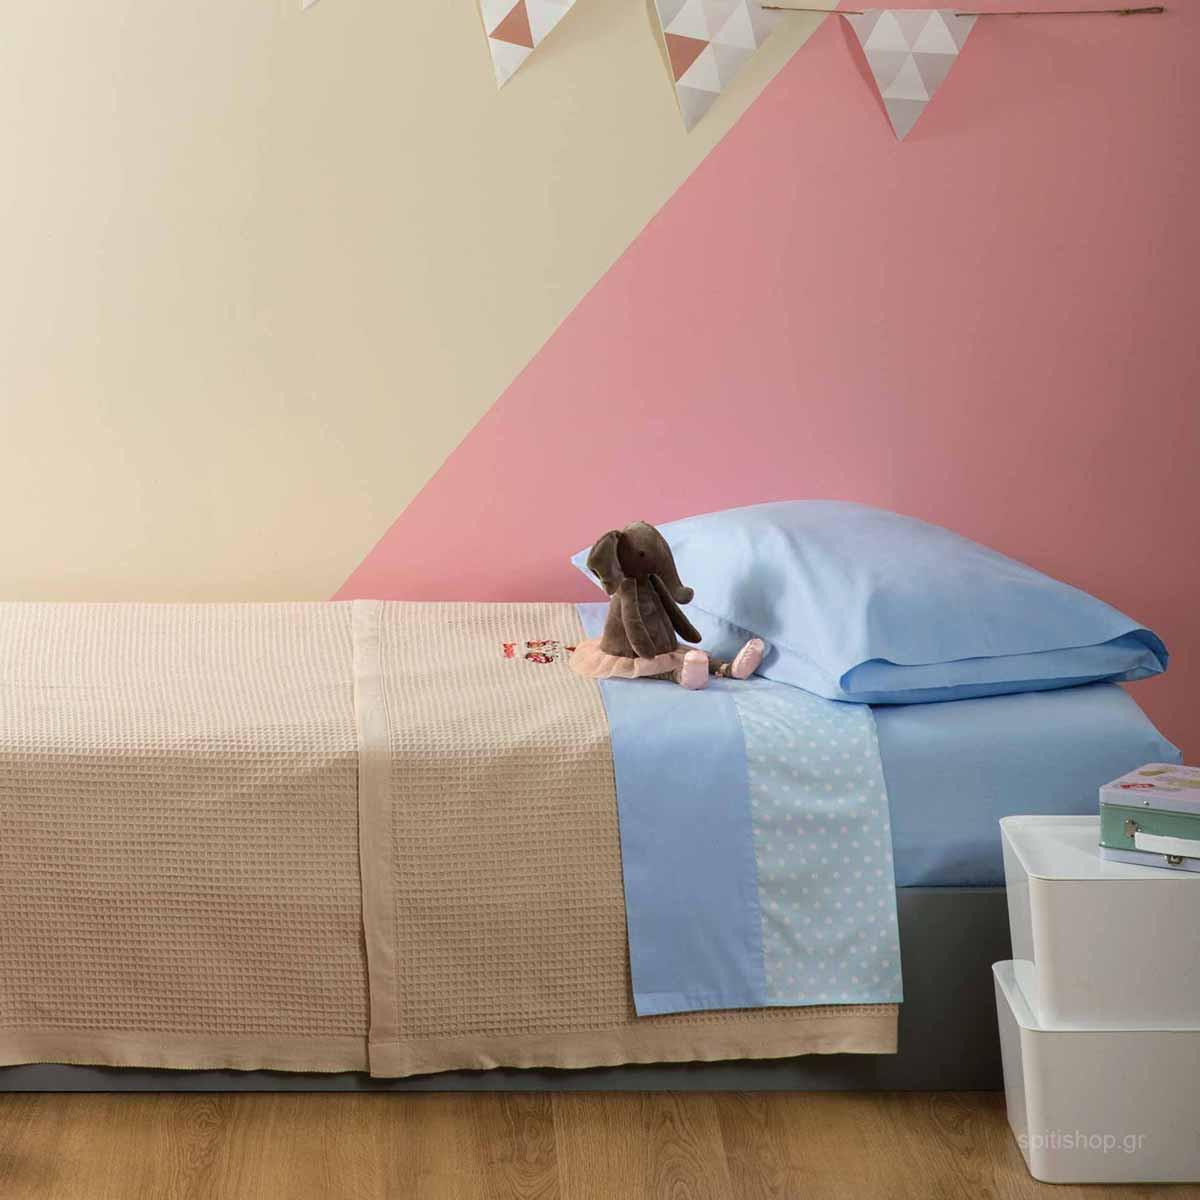 Κουβέρτα Πικέ Μονή Zouzounia Πασχαλίτσα 419 home   παιδικά   κουβέρτες παιδικές   κουβέρτες καλοκαιρινές